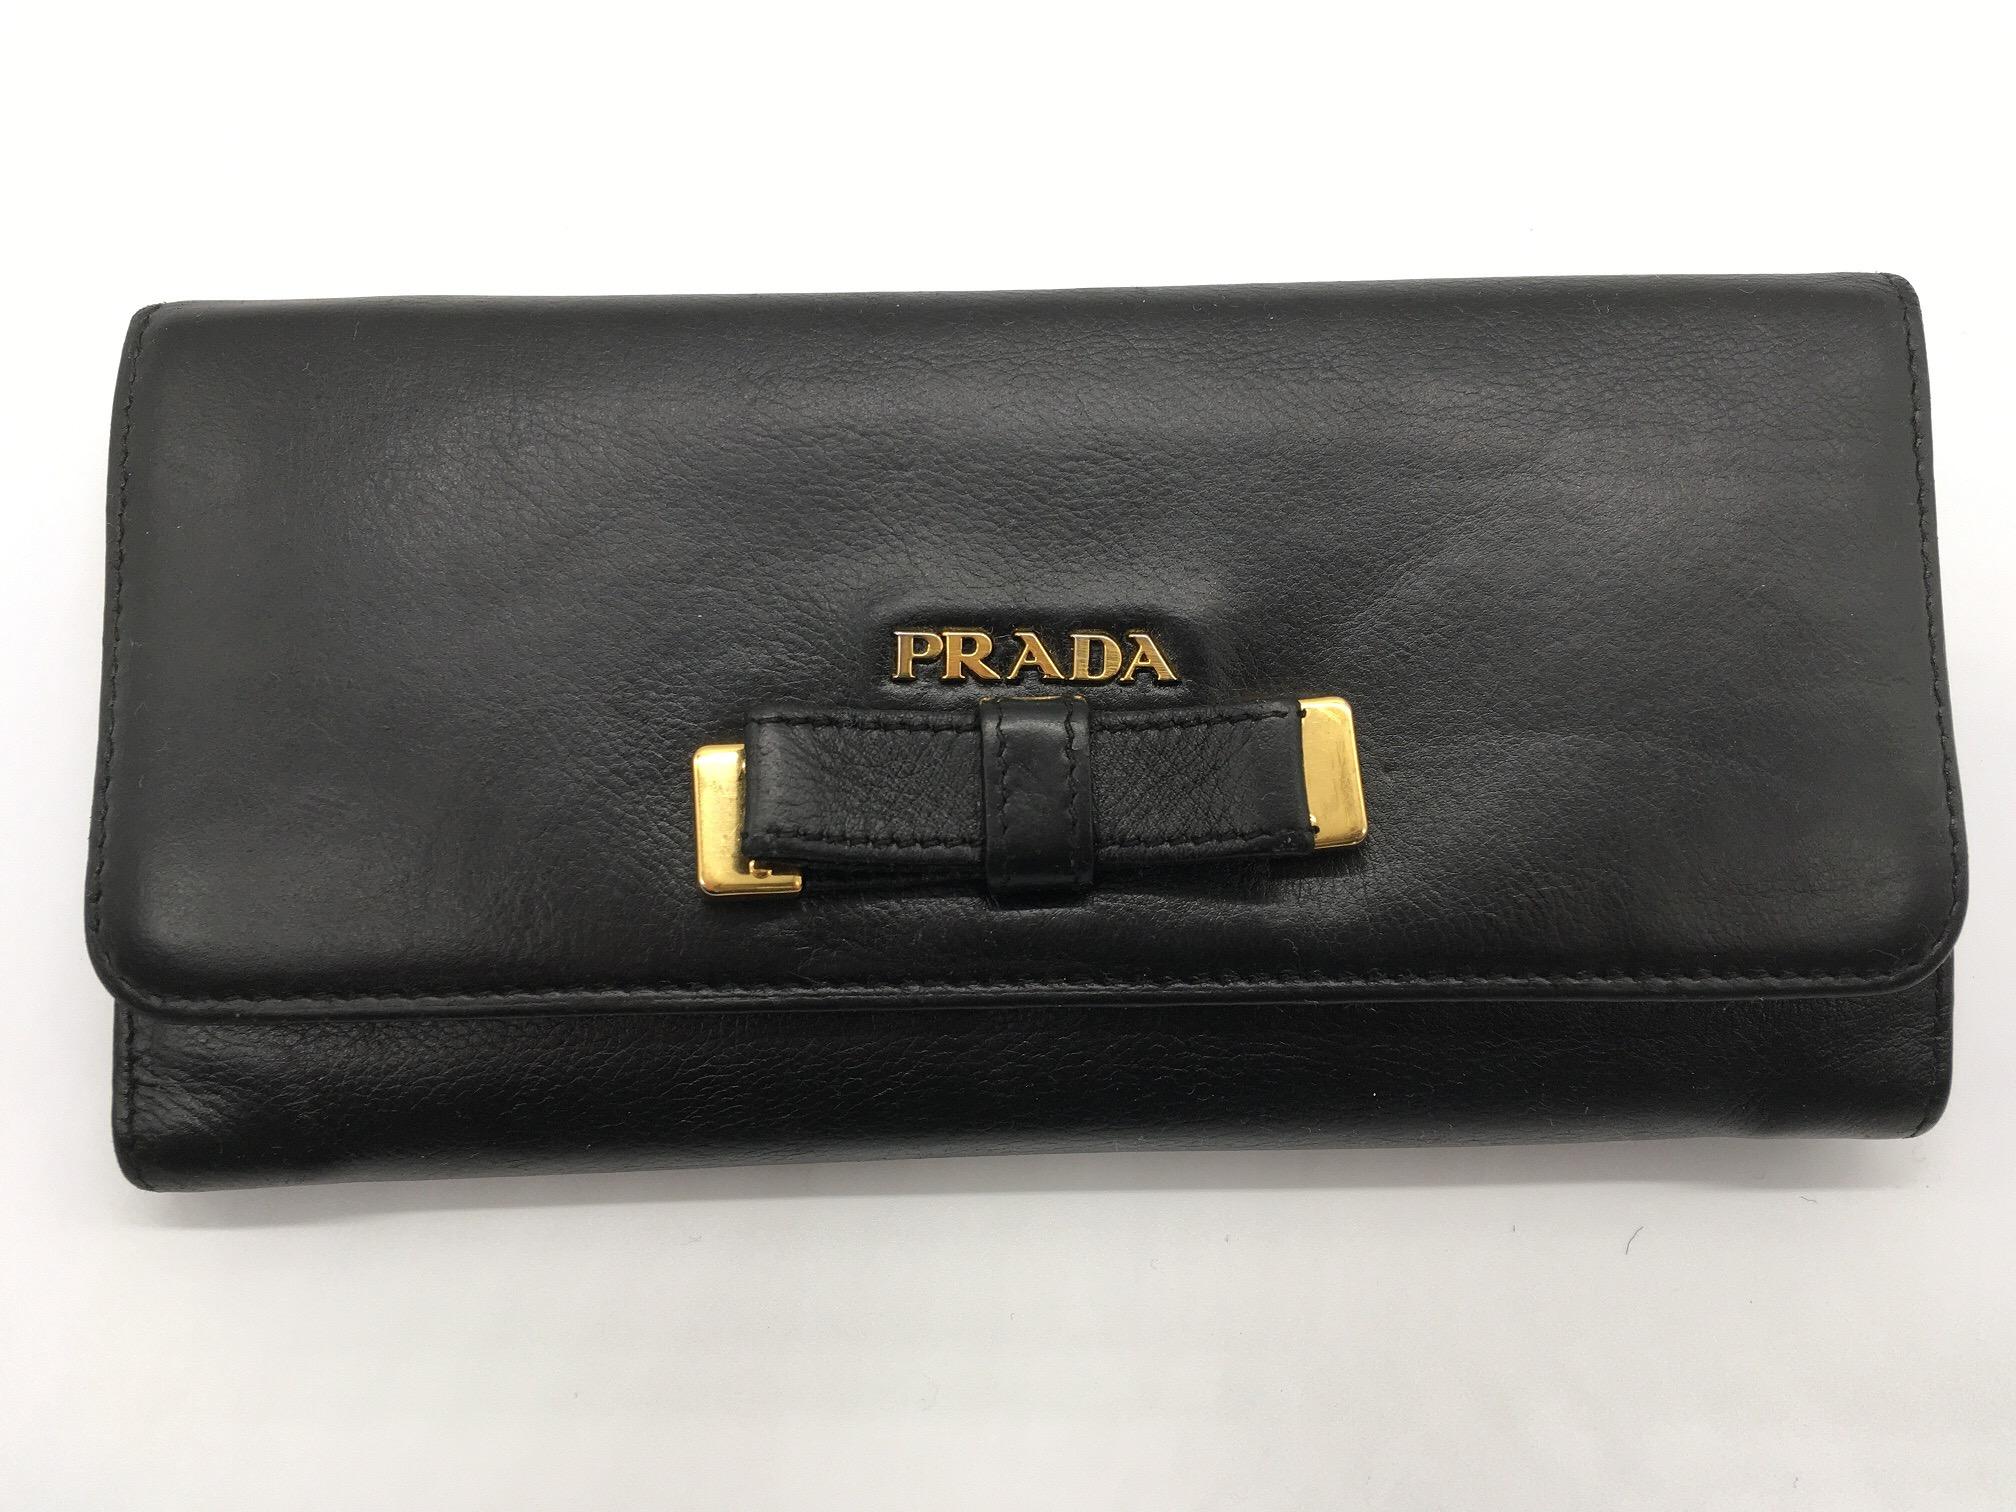 ブランドリペア転売 プラダの長財布を仕入れの9倍で販売!利益率は驚異の70%超え!